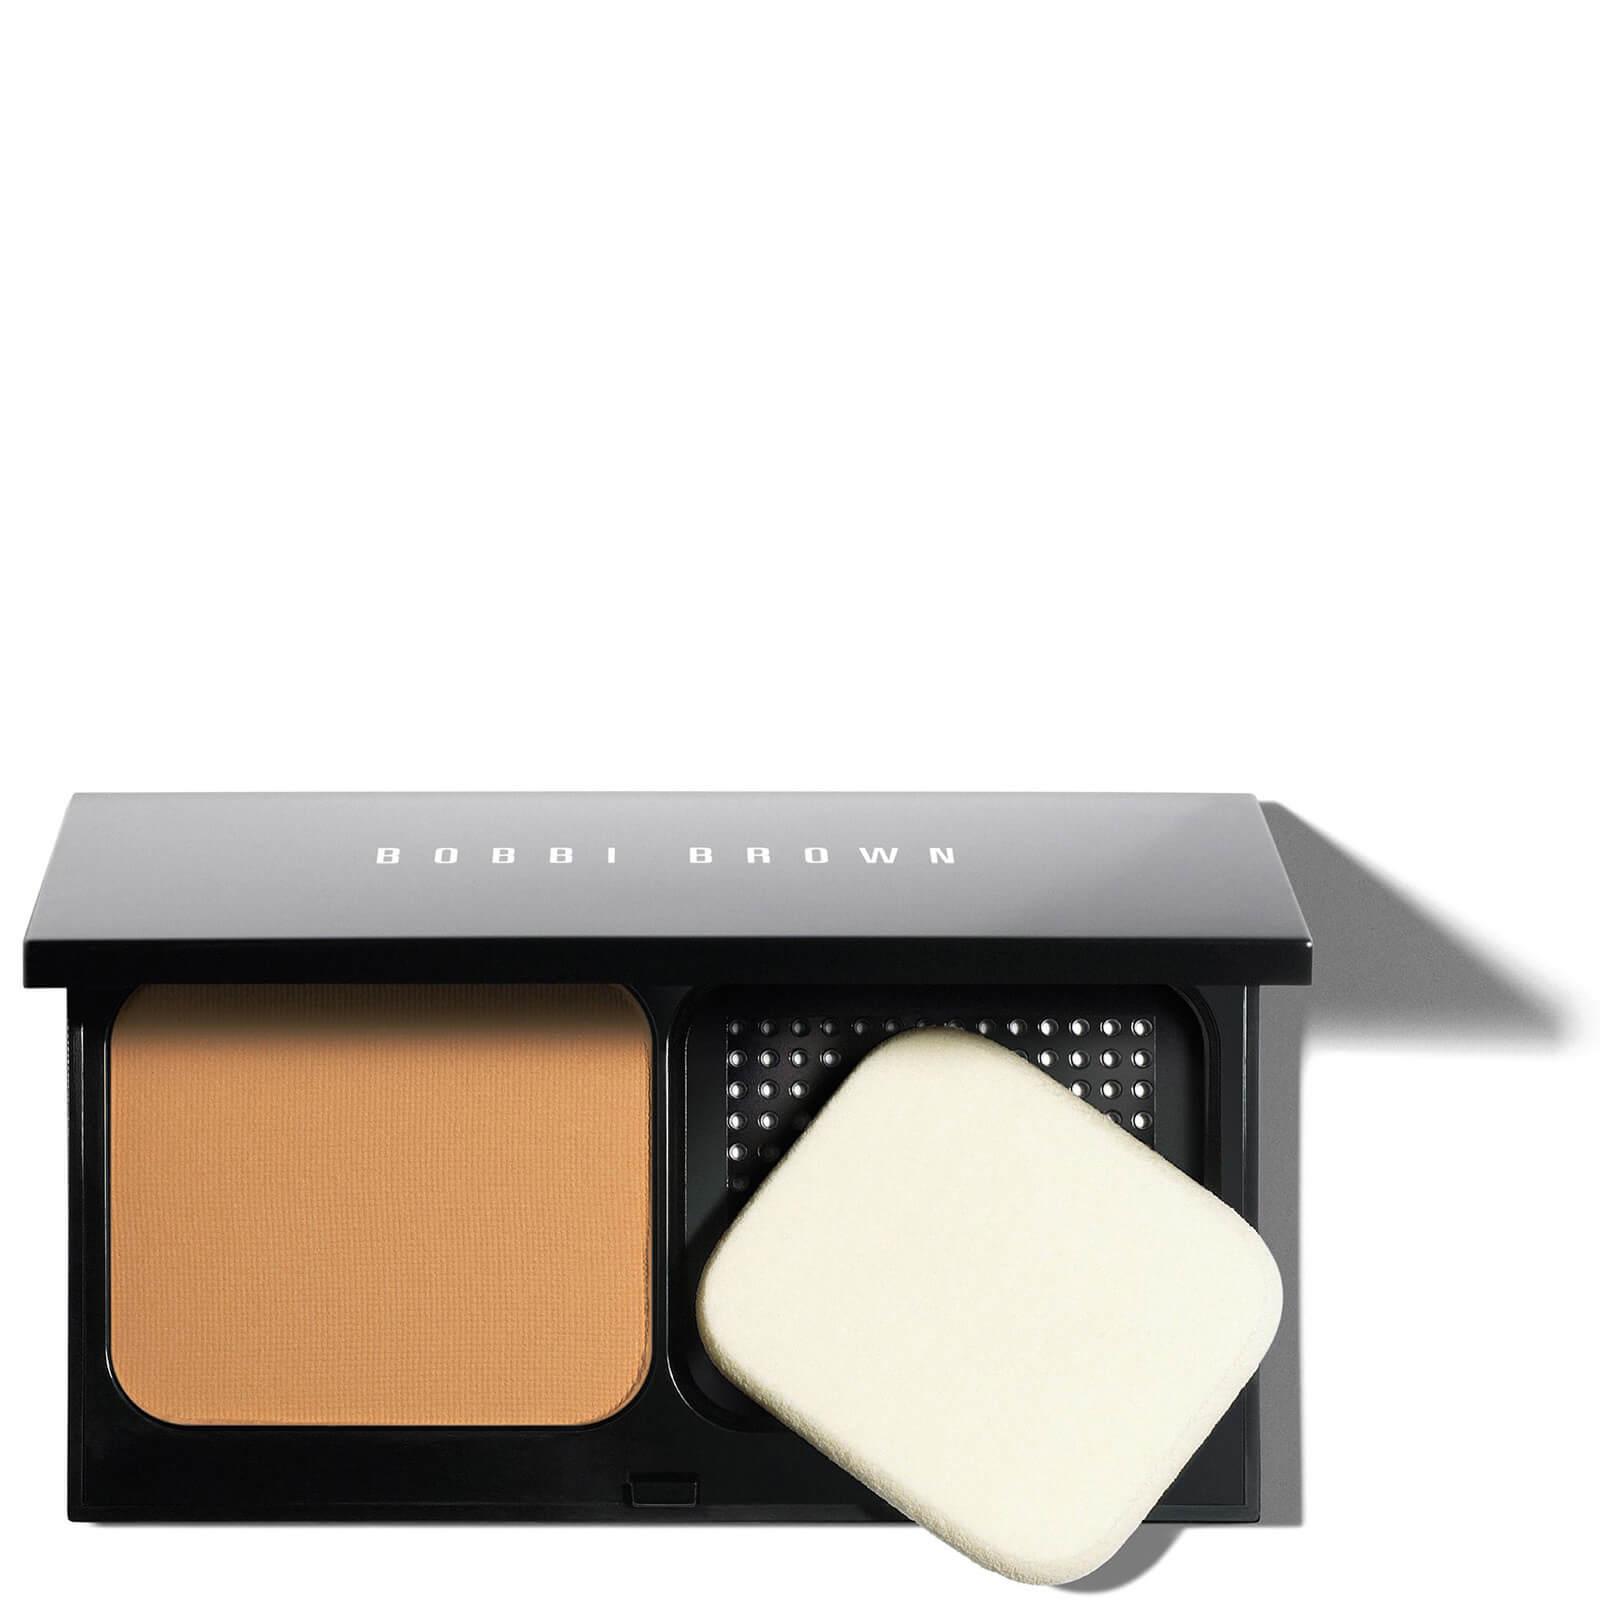 Bobbi Brown Skin Weightless Powder Reform 11g (Various Shades) - Warm Honey